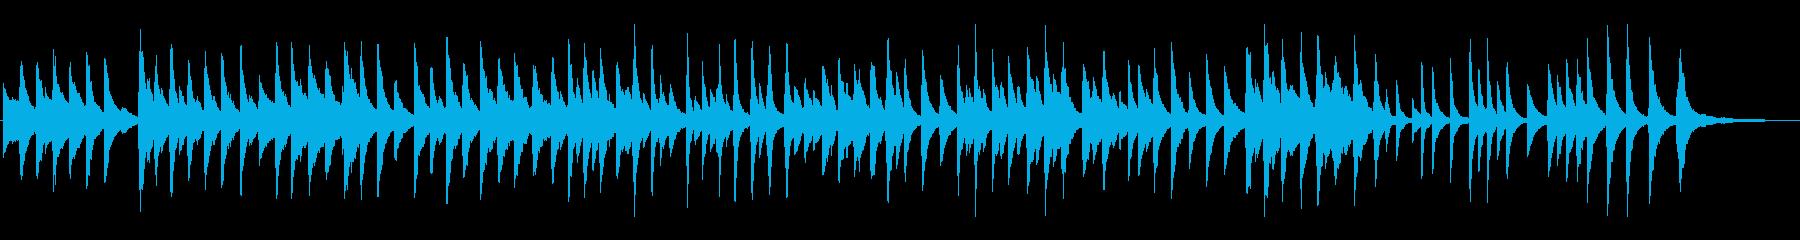 童謡「しゃぼん玉」しっとりピアノソロの再生済みの波形